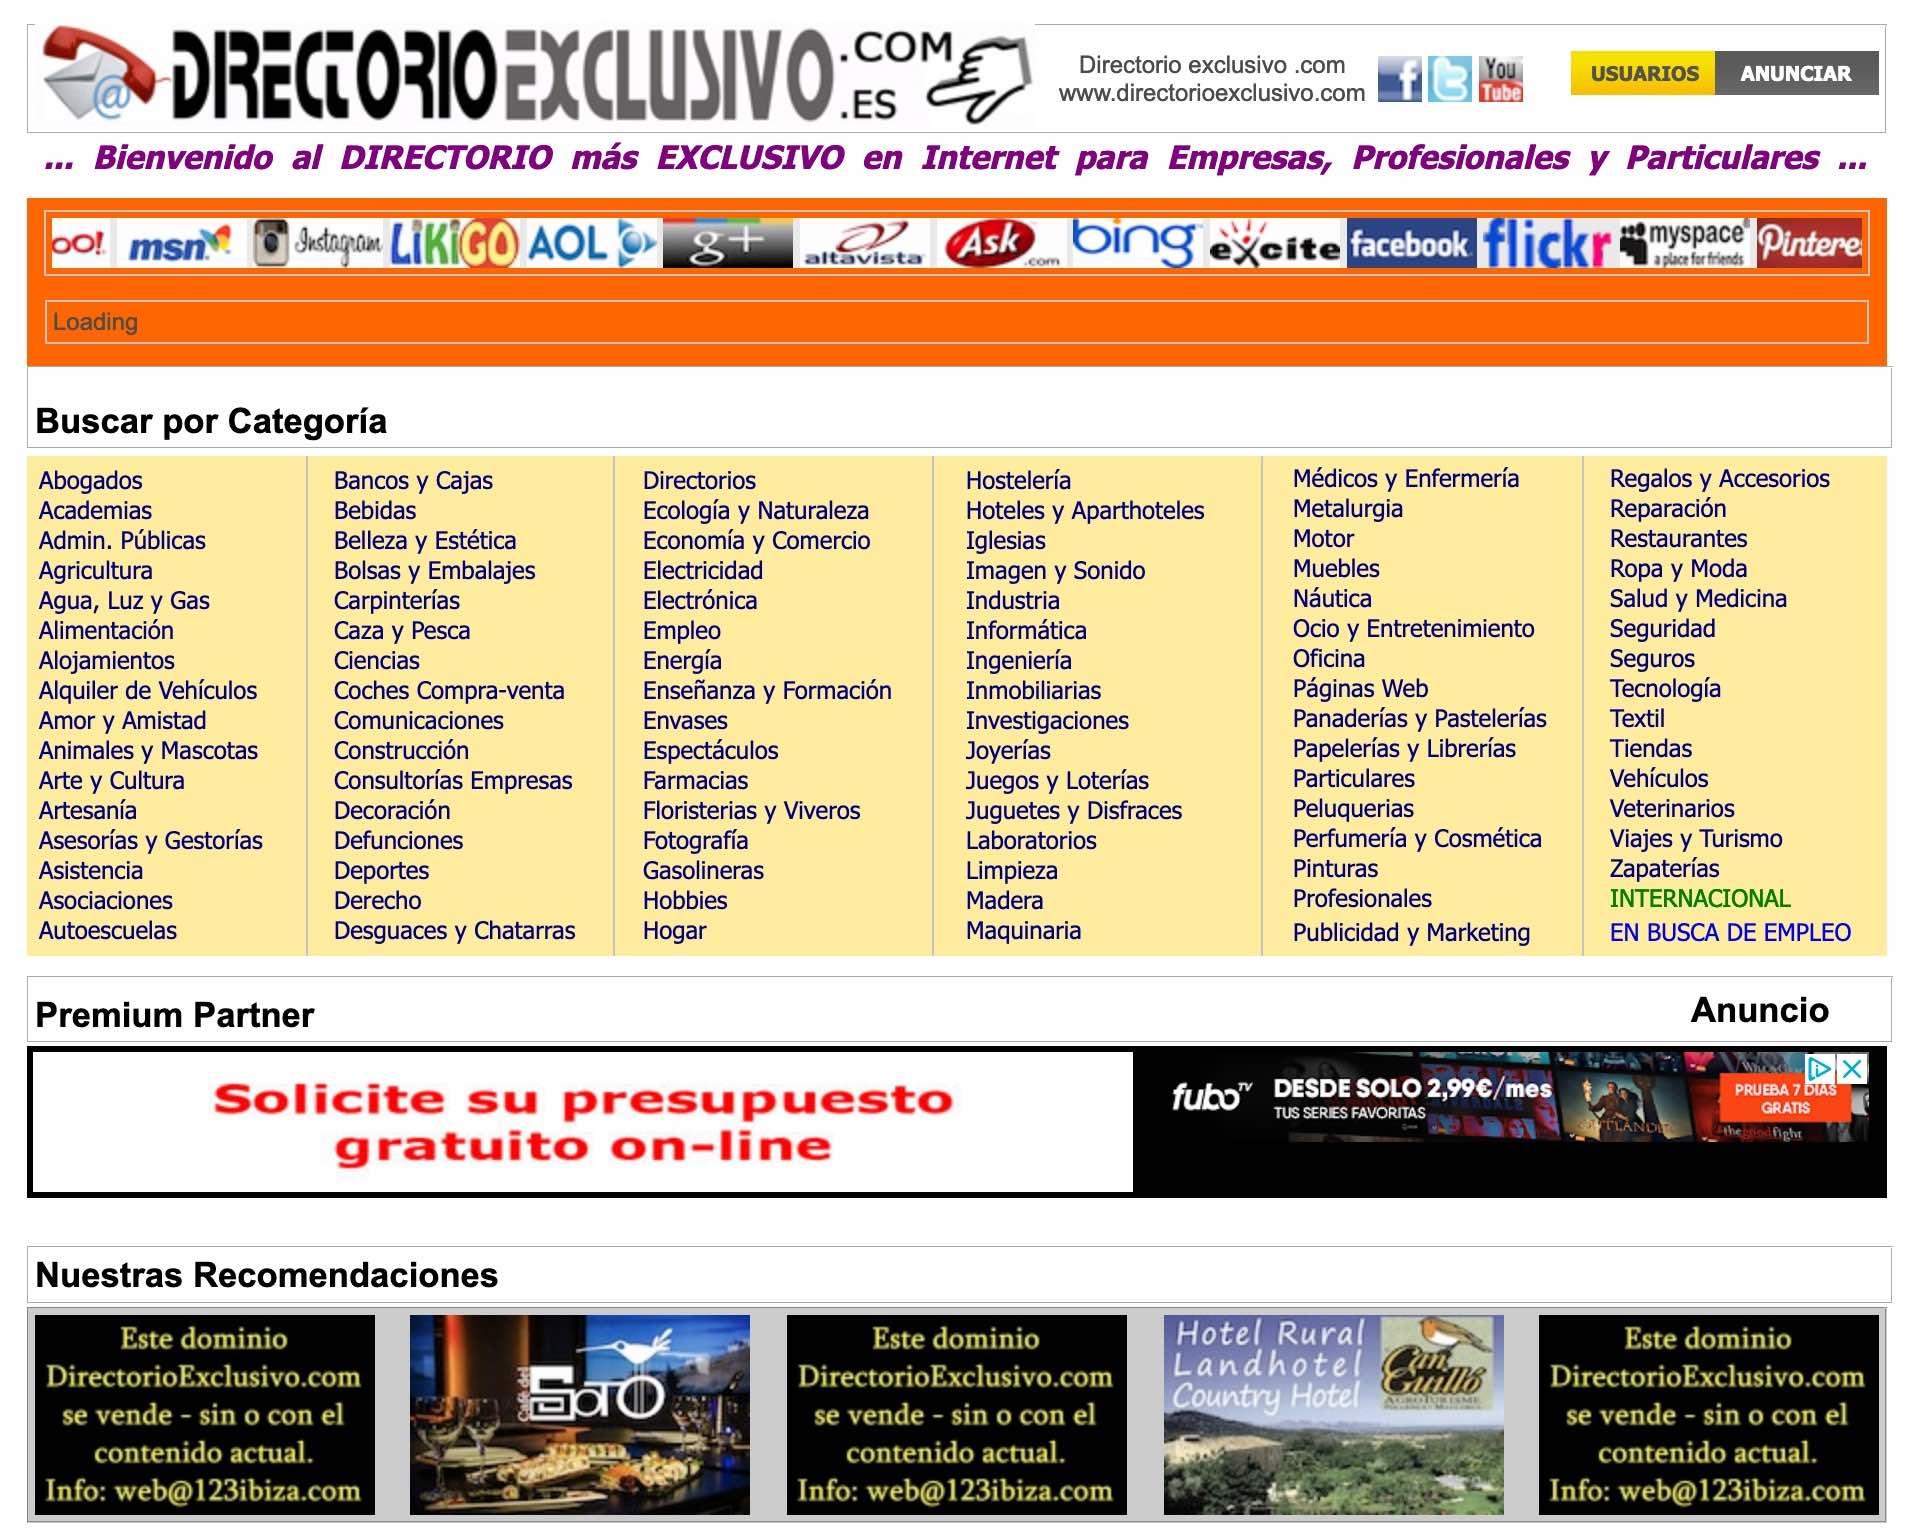 Directorio Web exclusivo